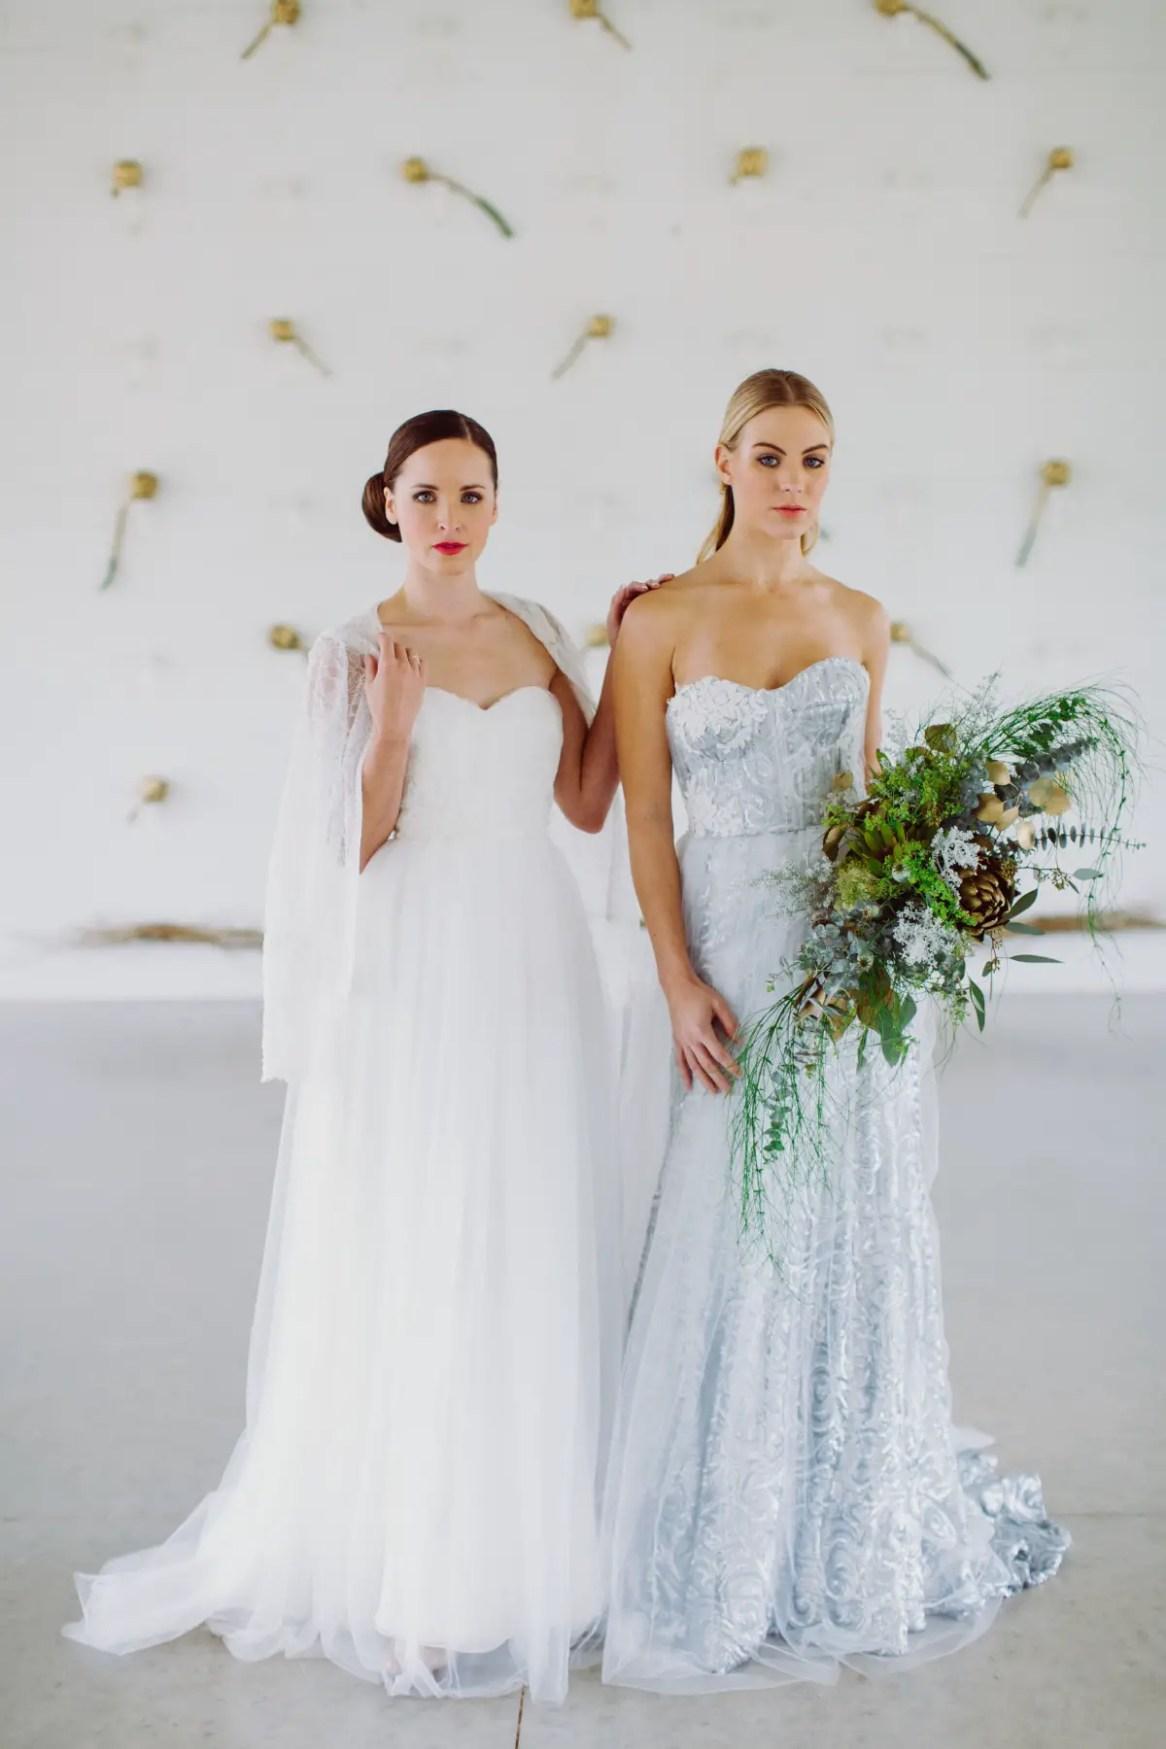 pas-de-deux-bridal-gowns-shoot-austin-022